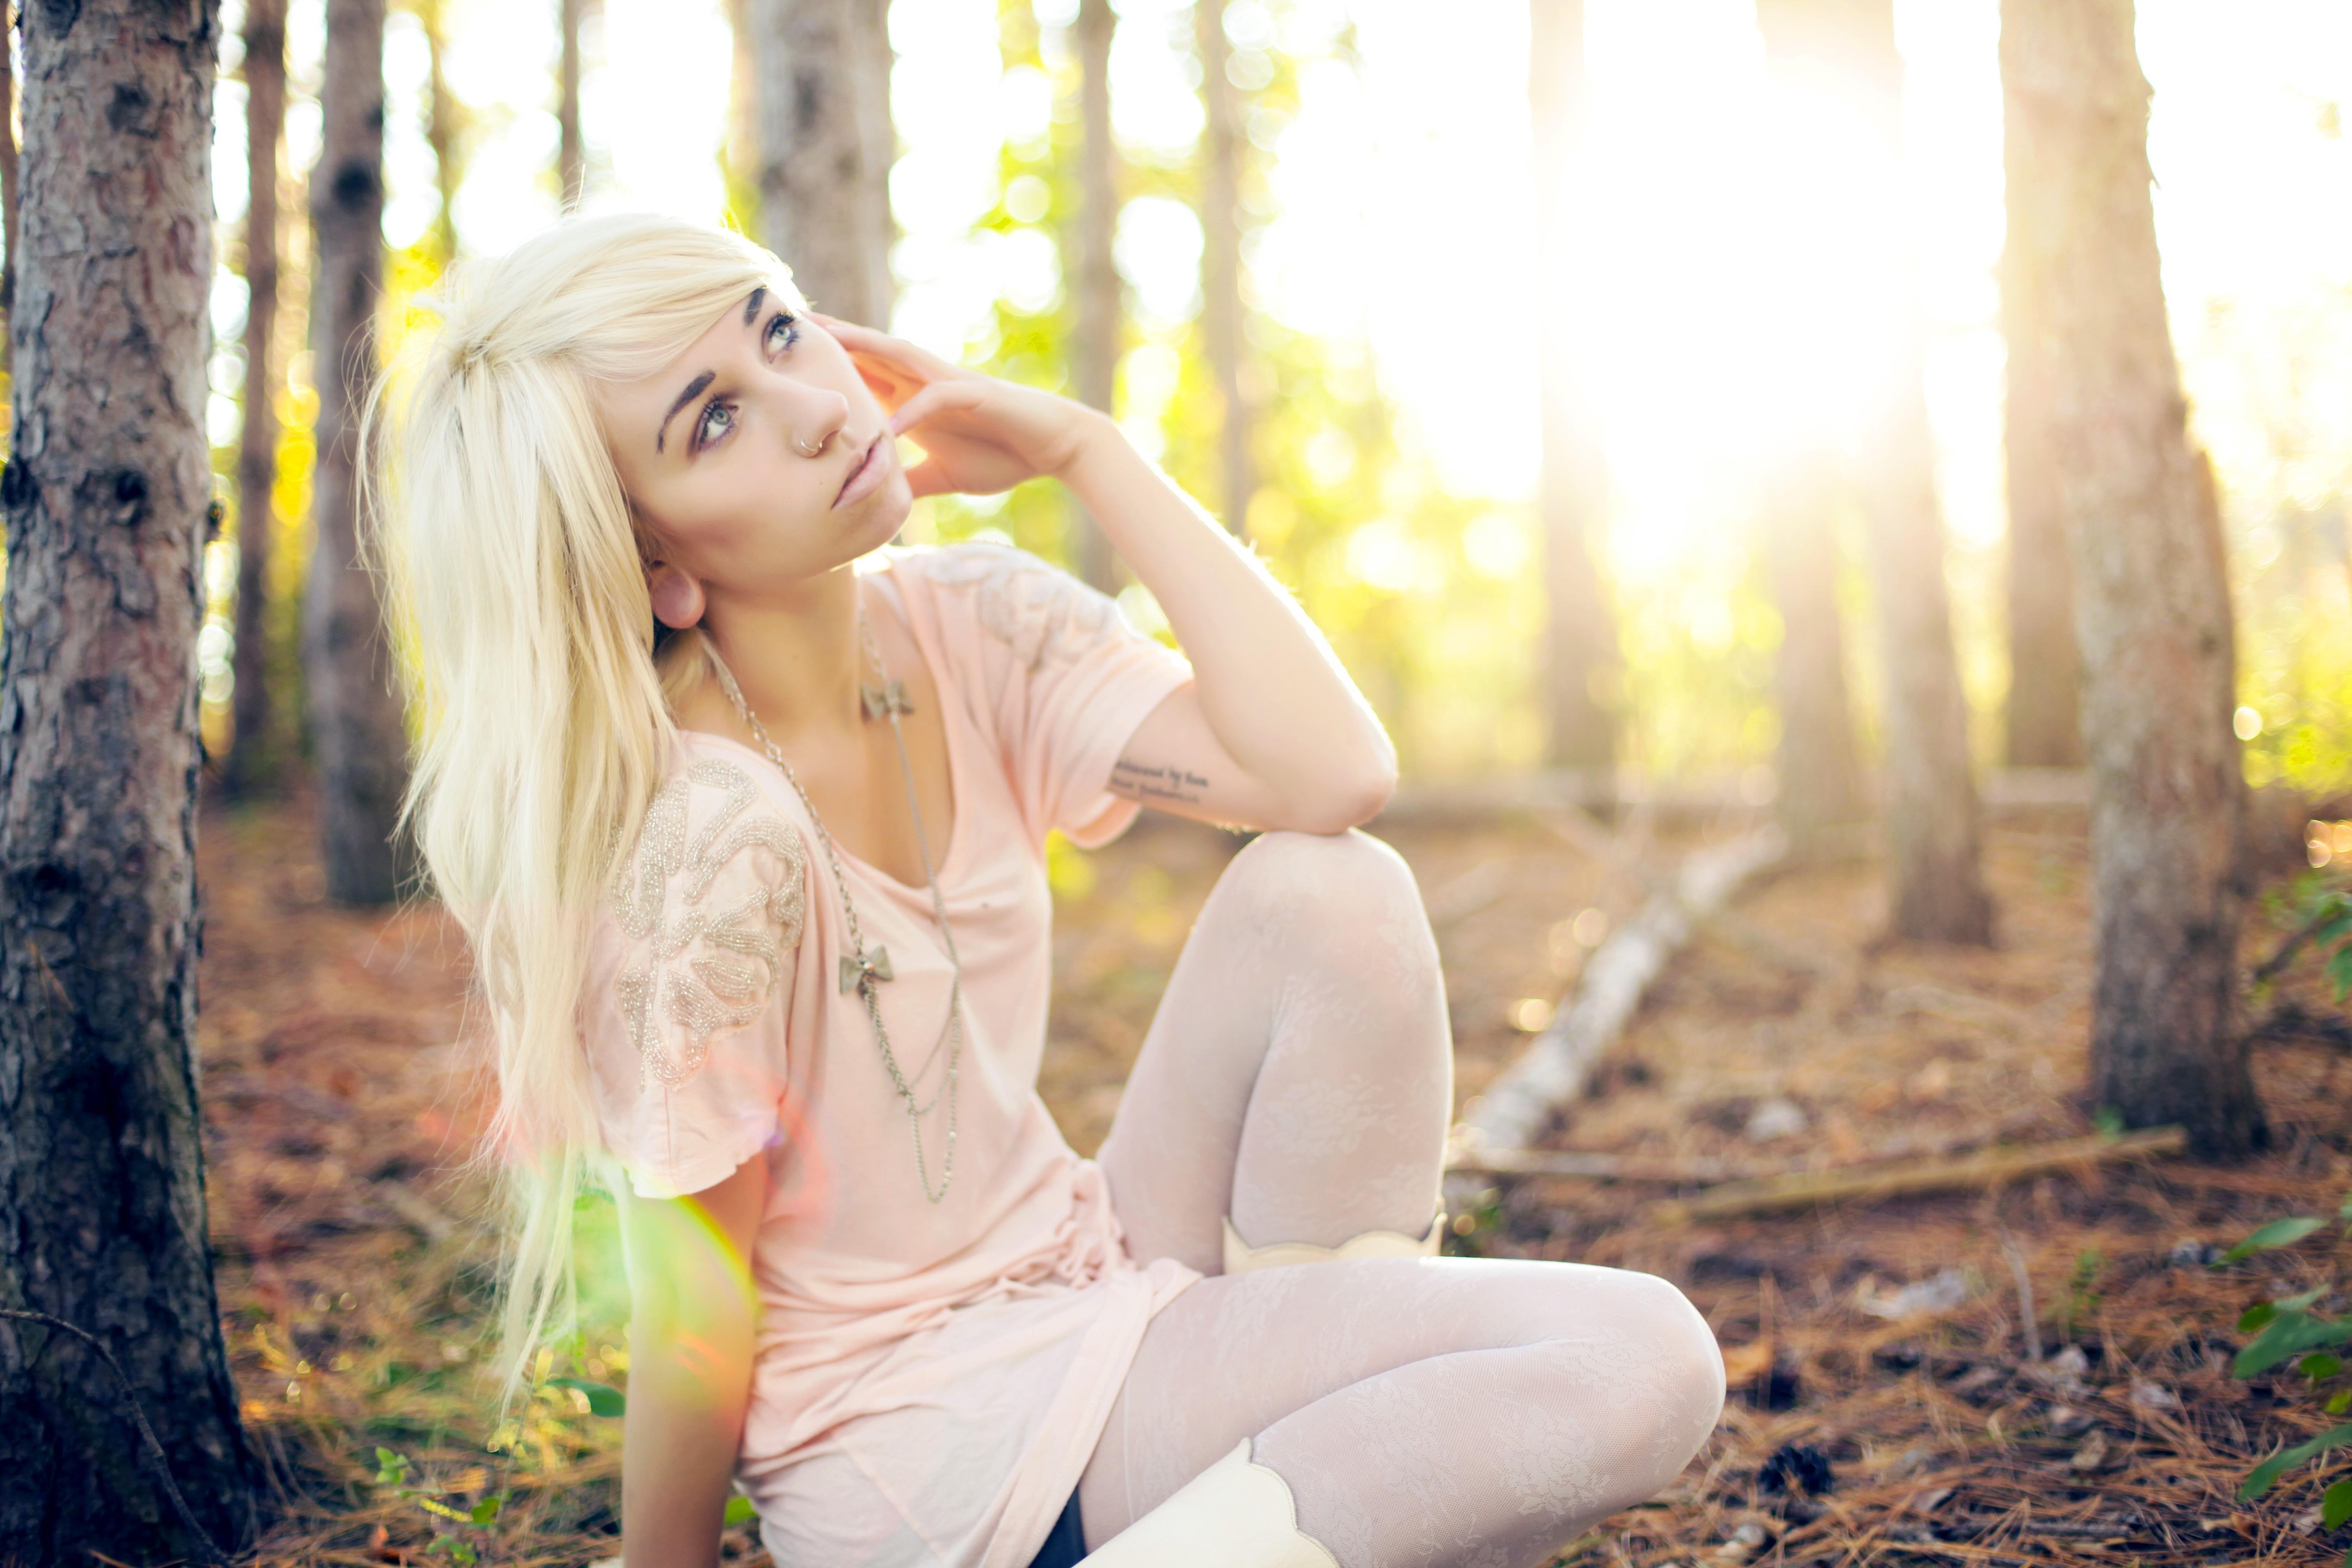 Фото блондинки скачать бесплатно